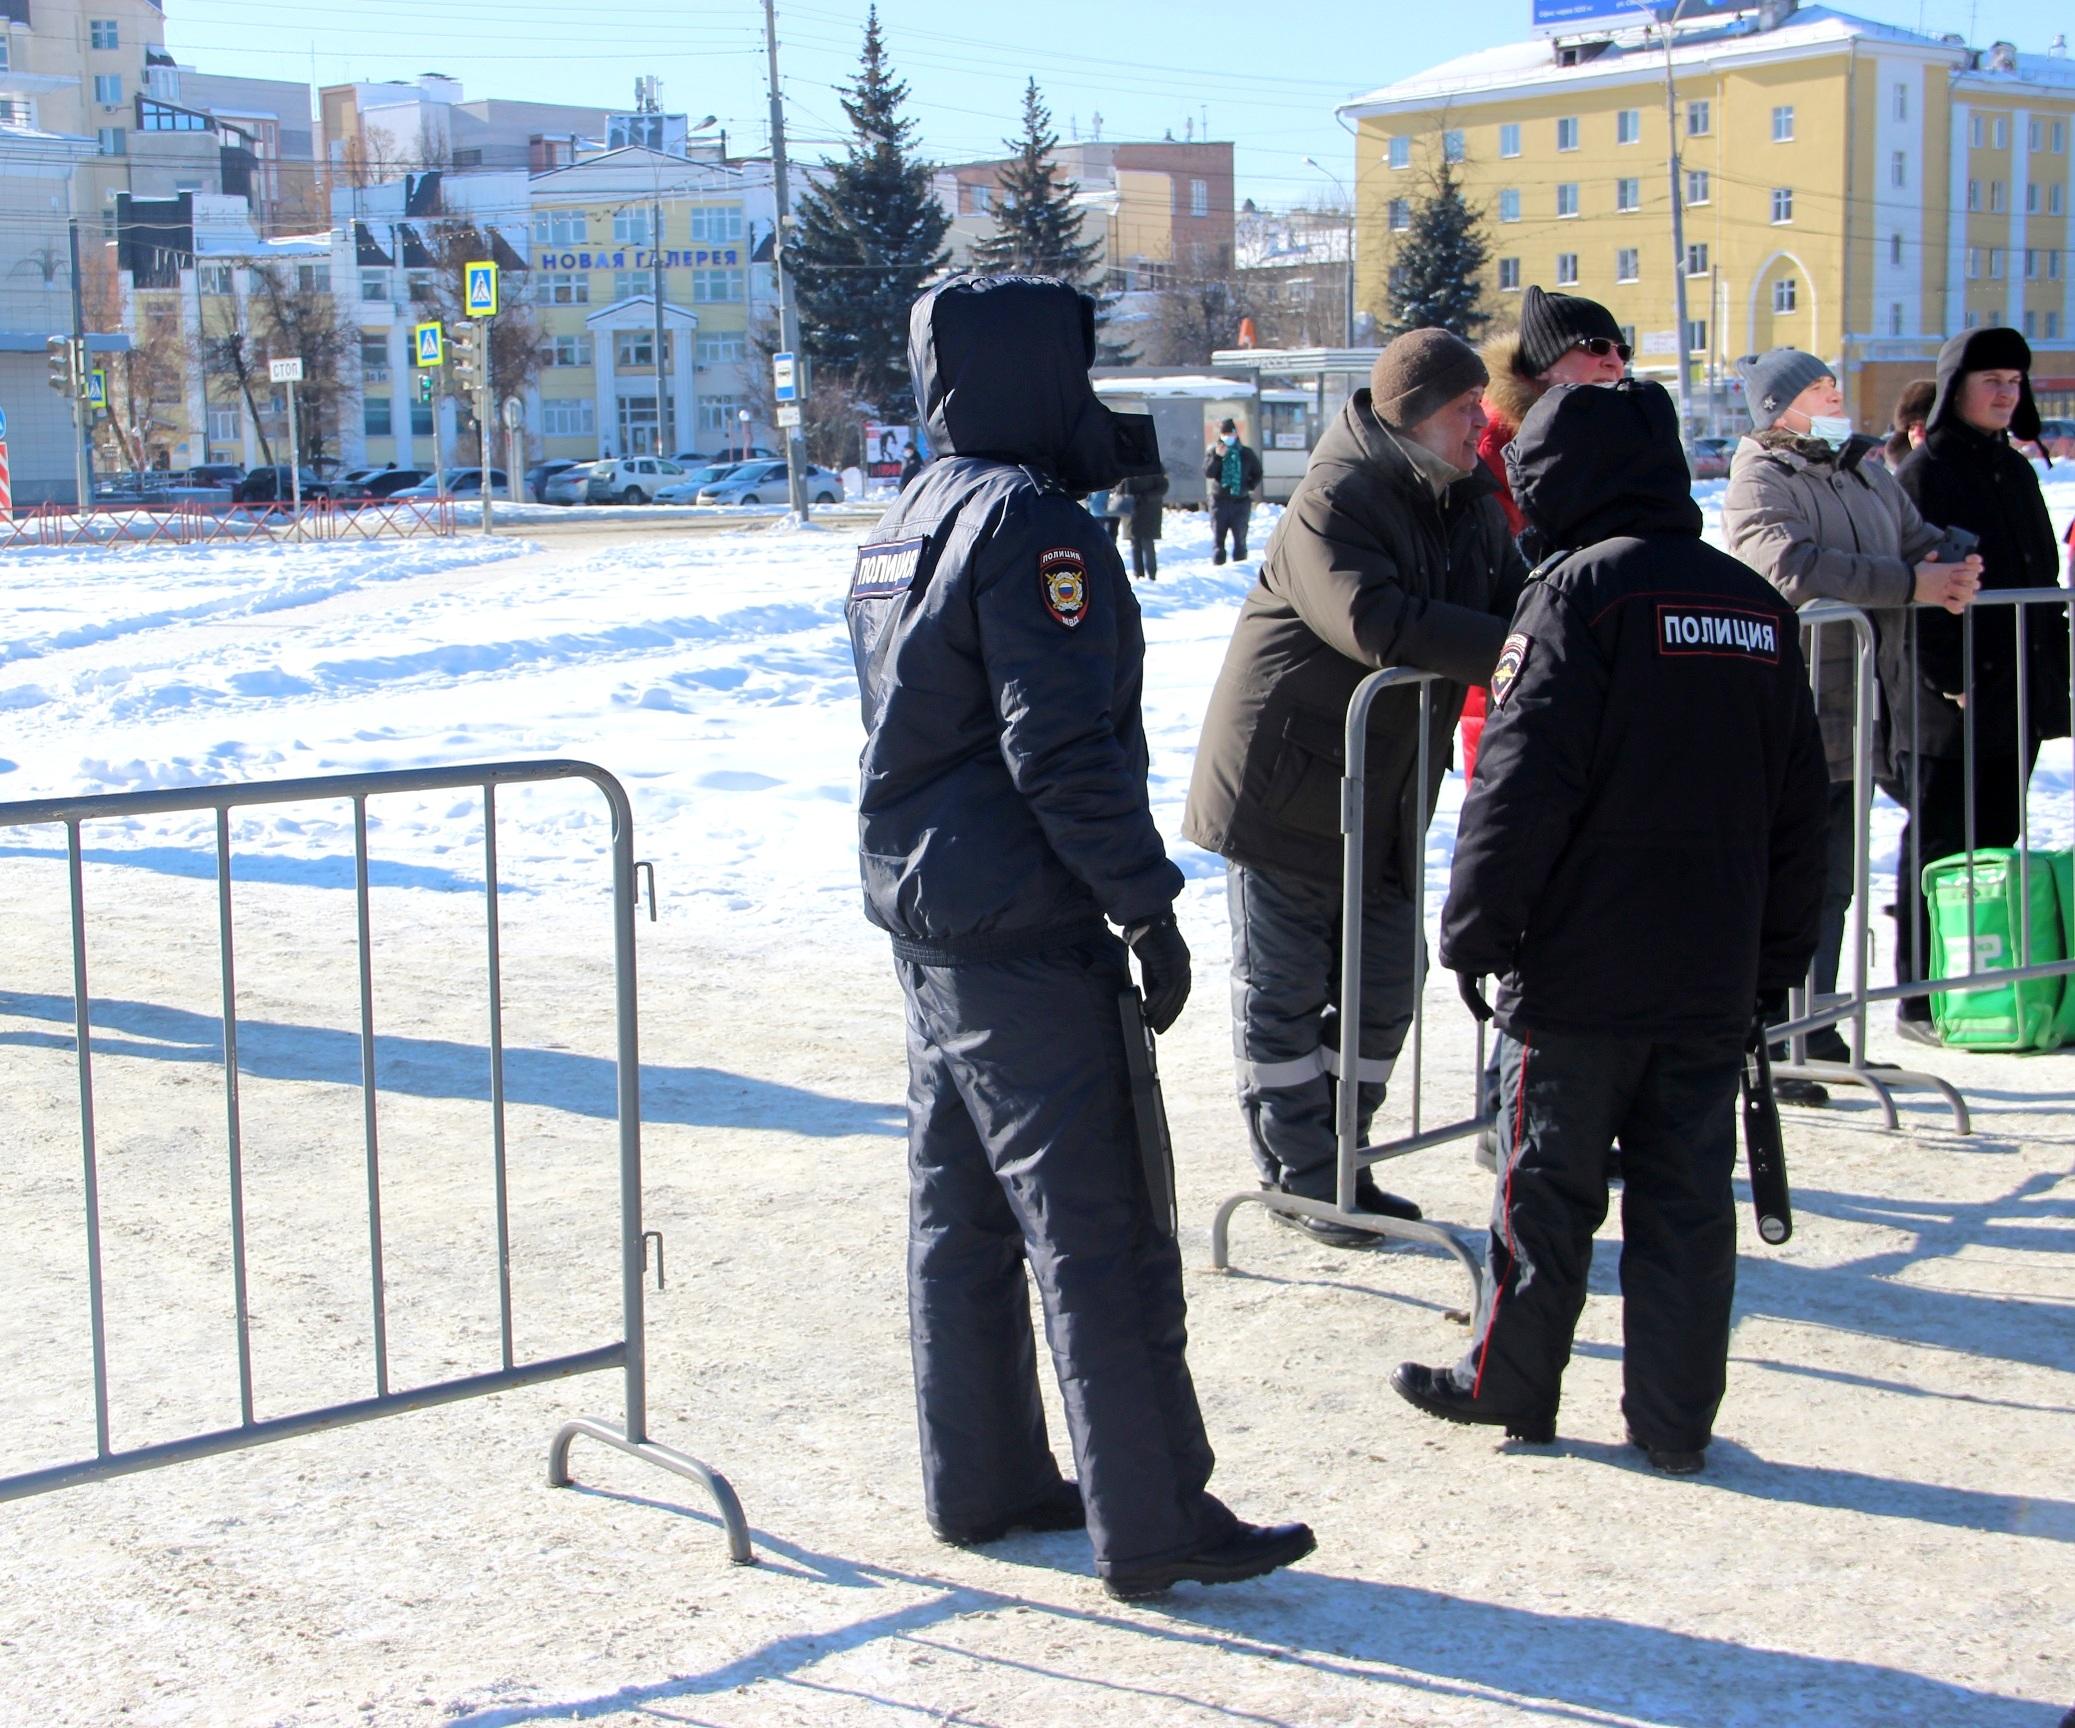 В Ярославле стало невозможно проведение публичных мероприятий